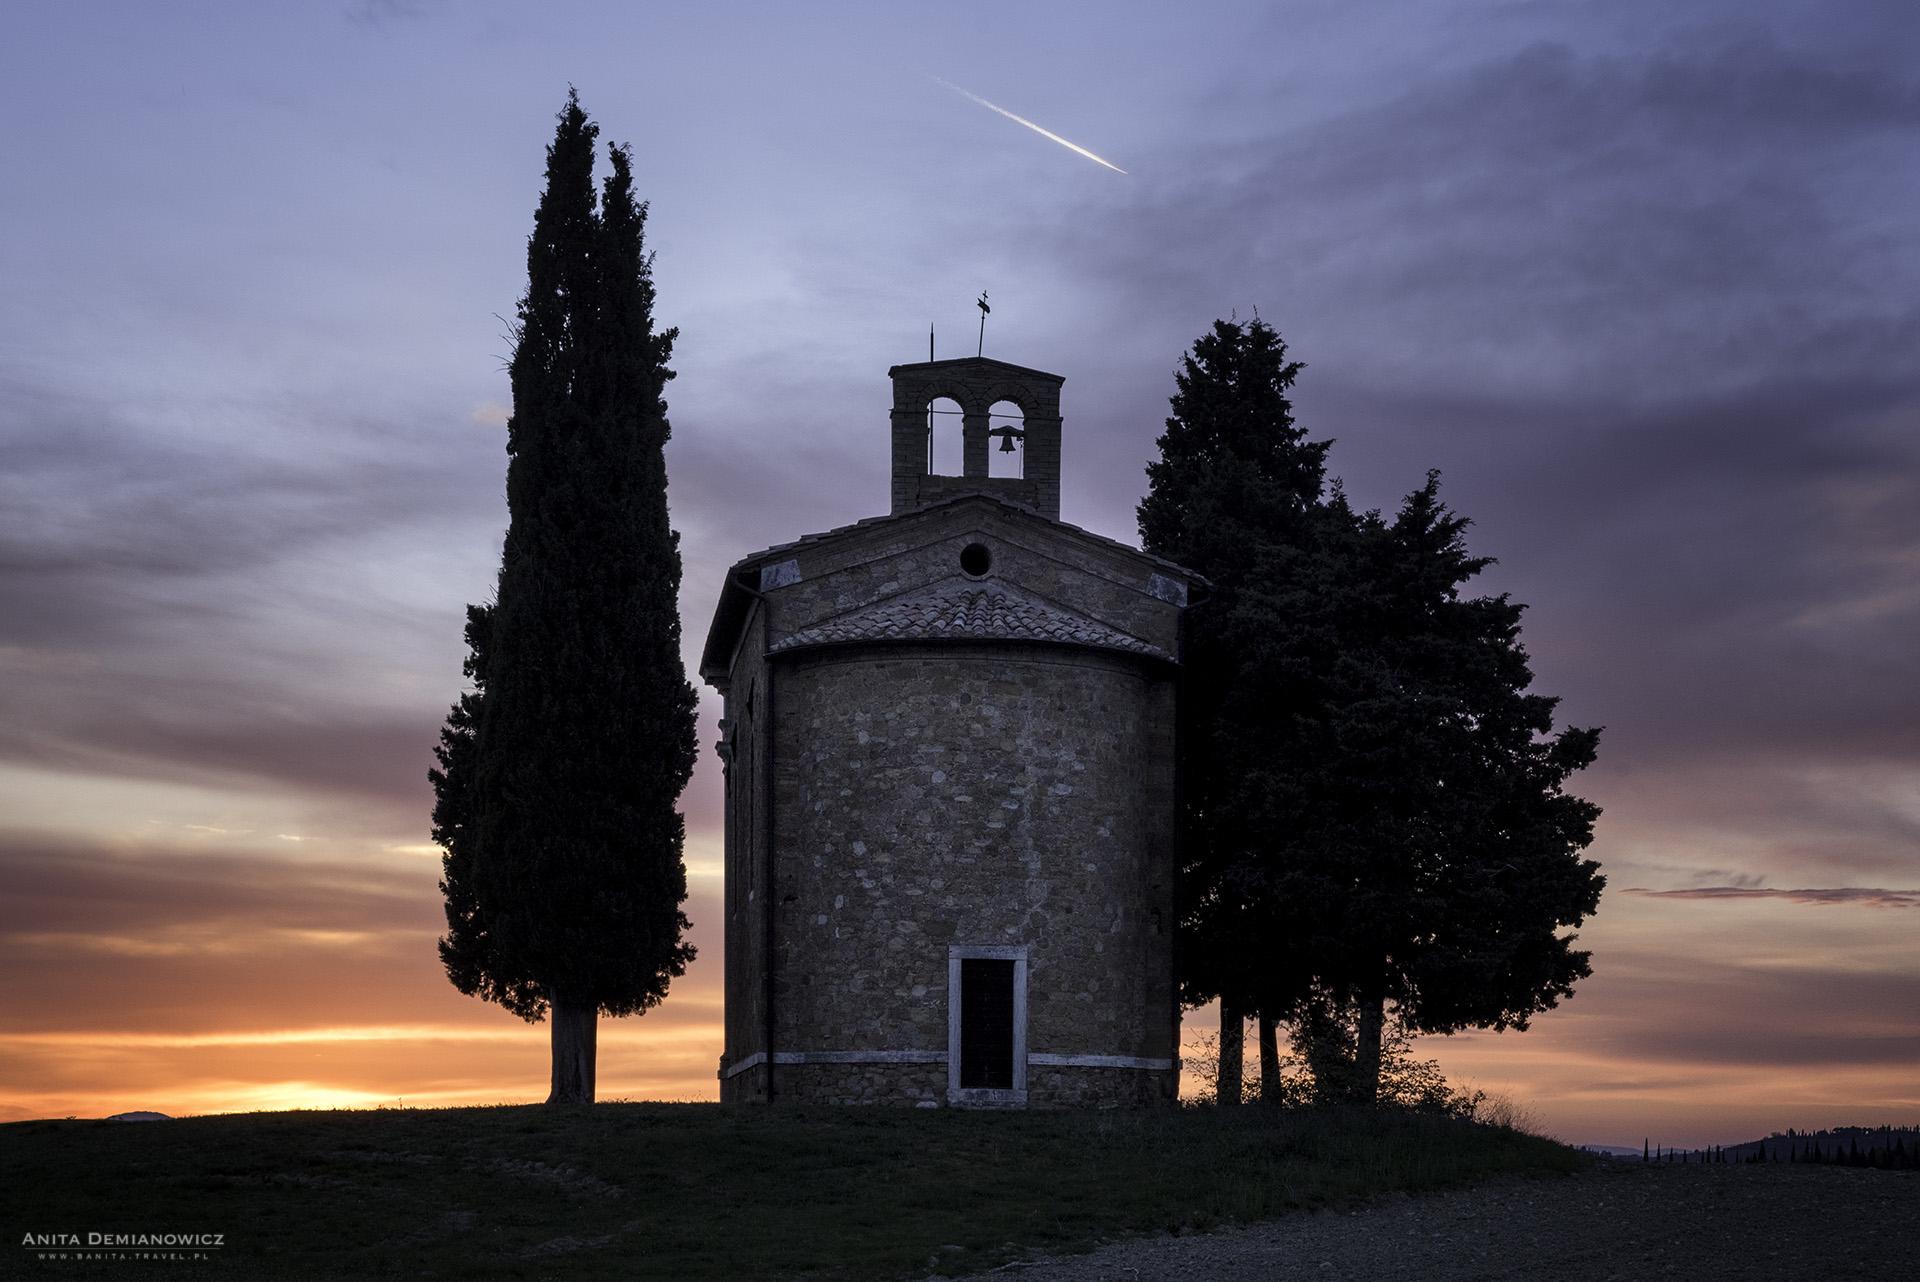 Cappella-della-Madonna-di-.Vitaleta, Toskania, Włochy, ANita Demianoiwcz2